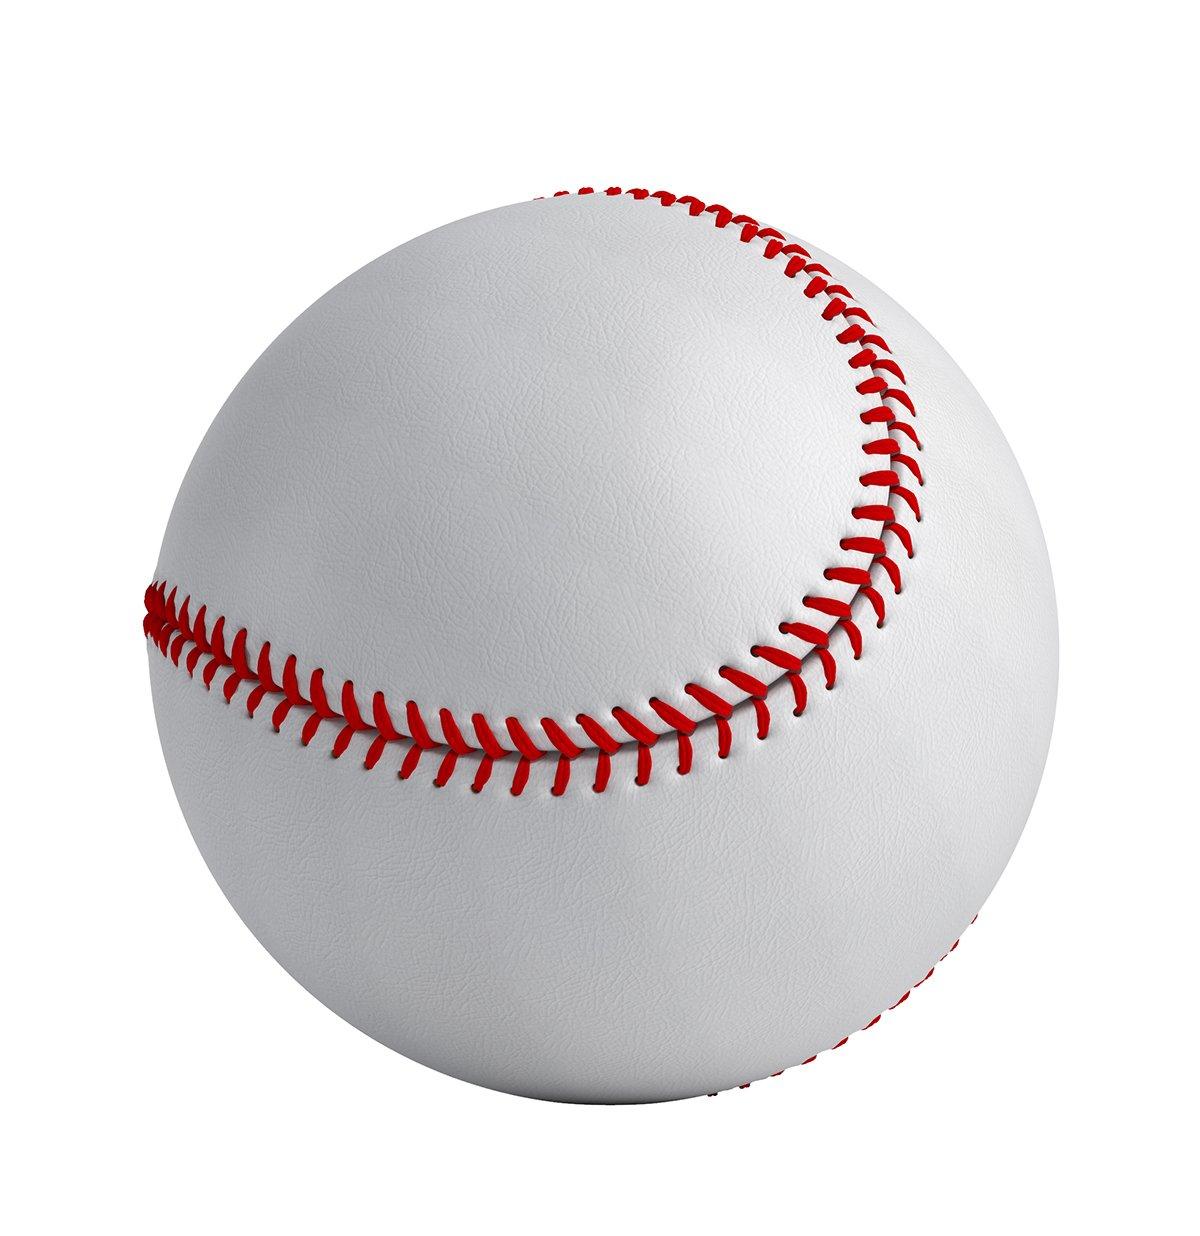 eda6d075c6 Base ball 3D Model in Sports Equipment 3DExport